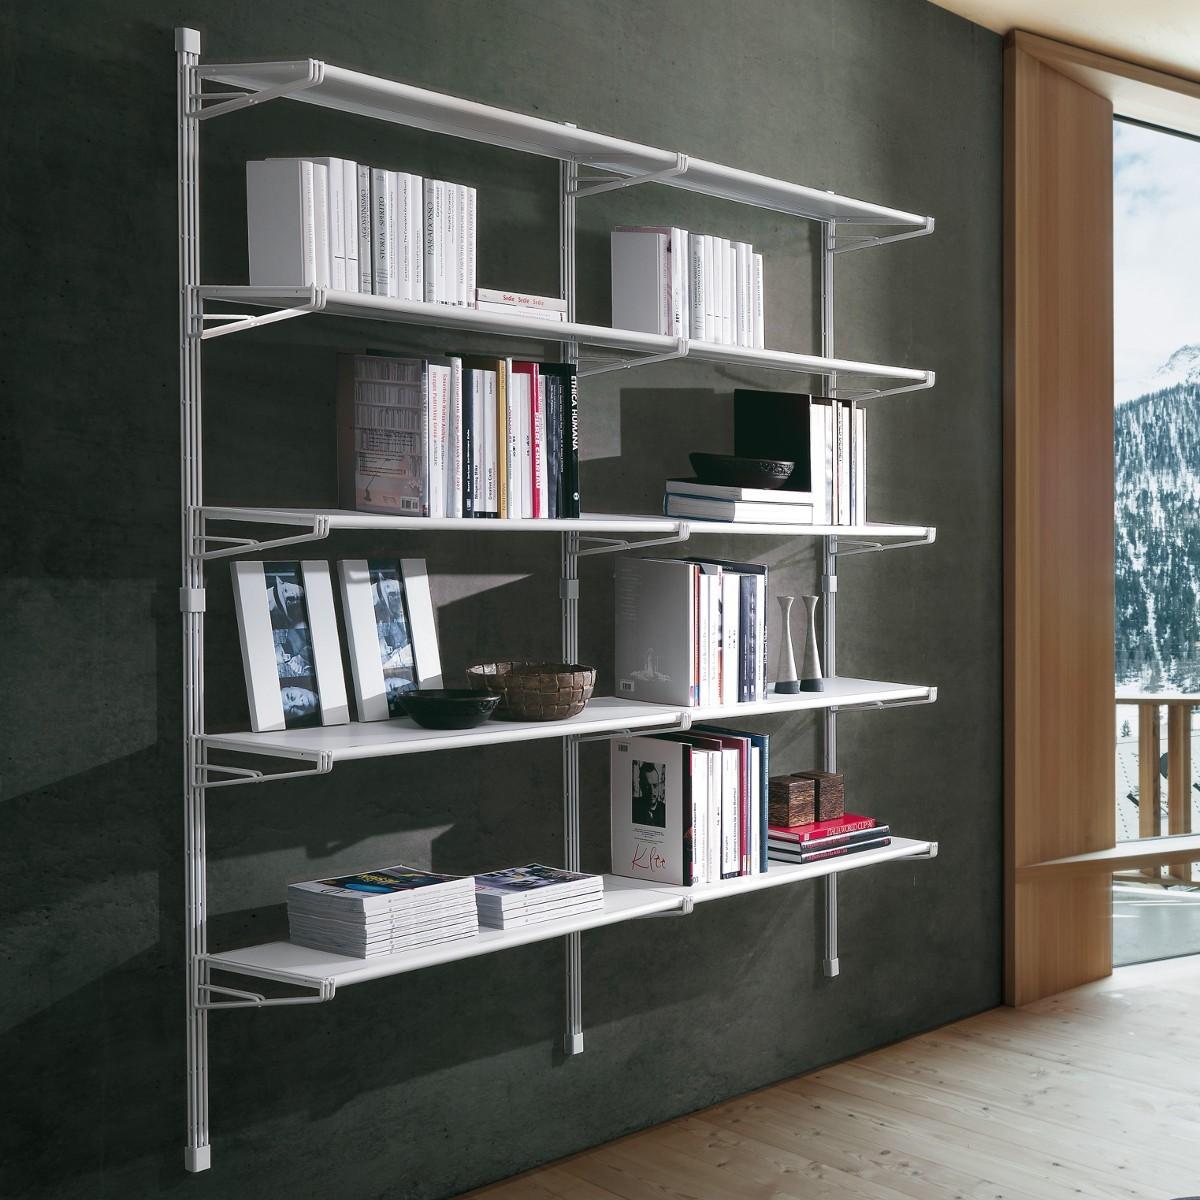 Socrate 39 libreria a parete casa ufficio in acciaio 196 x for Ikea scaffali metallo